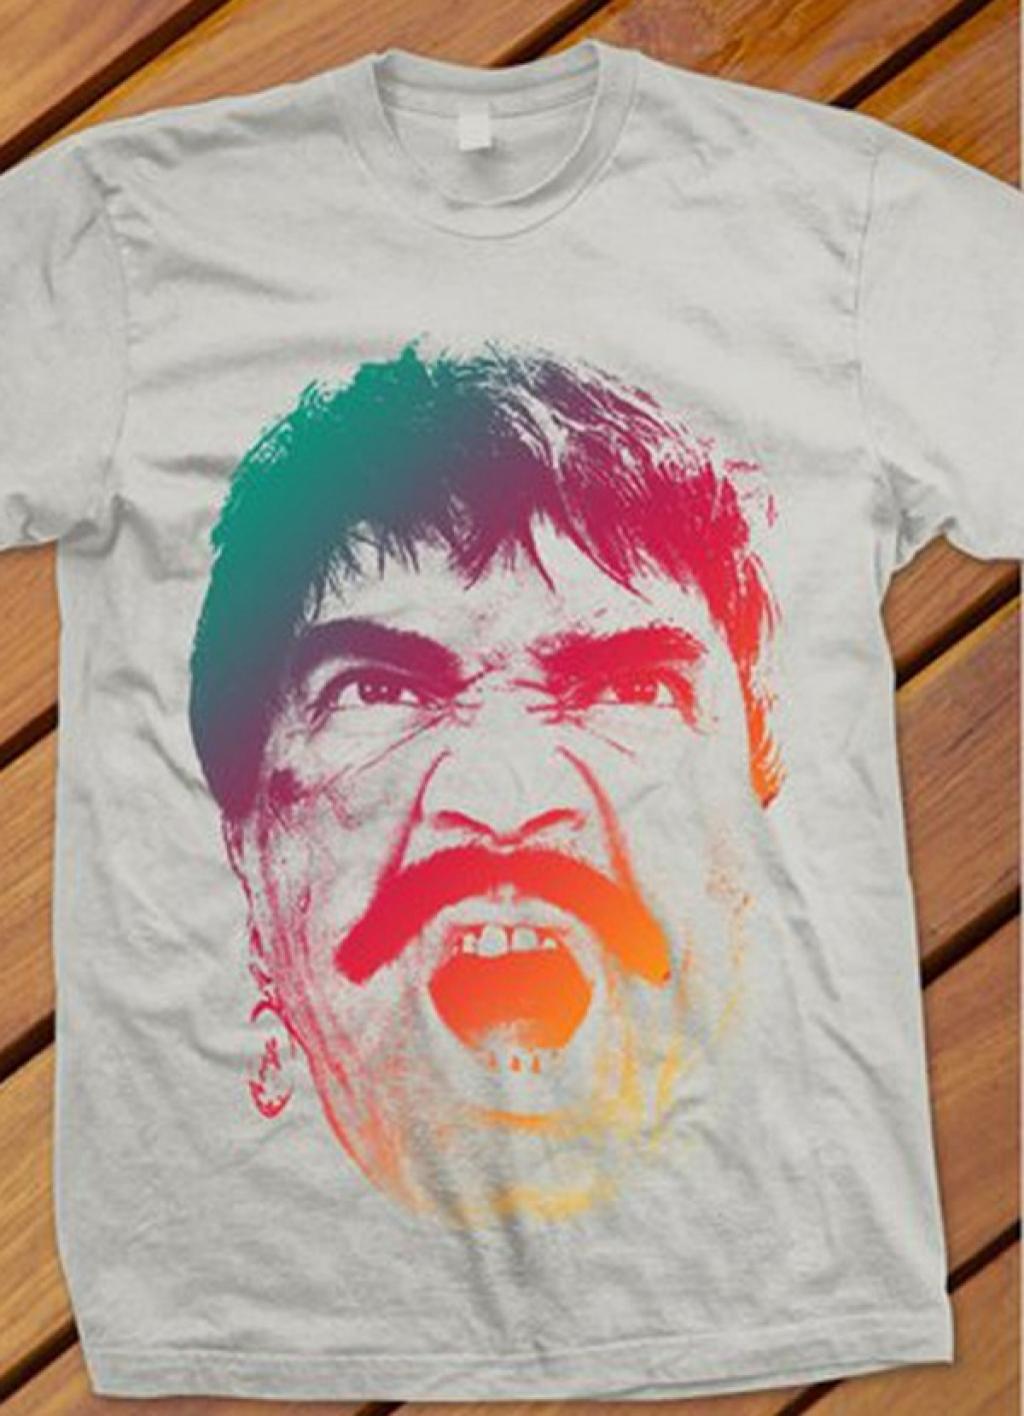 15106843180_uth-oye-sultan-rahi-shirt.jpeg